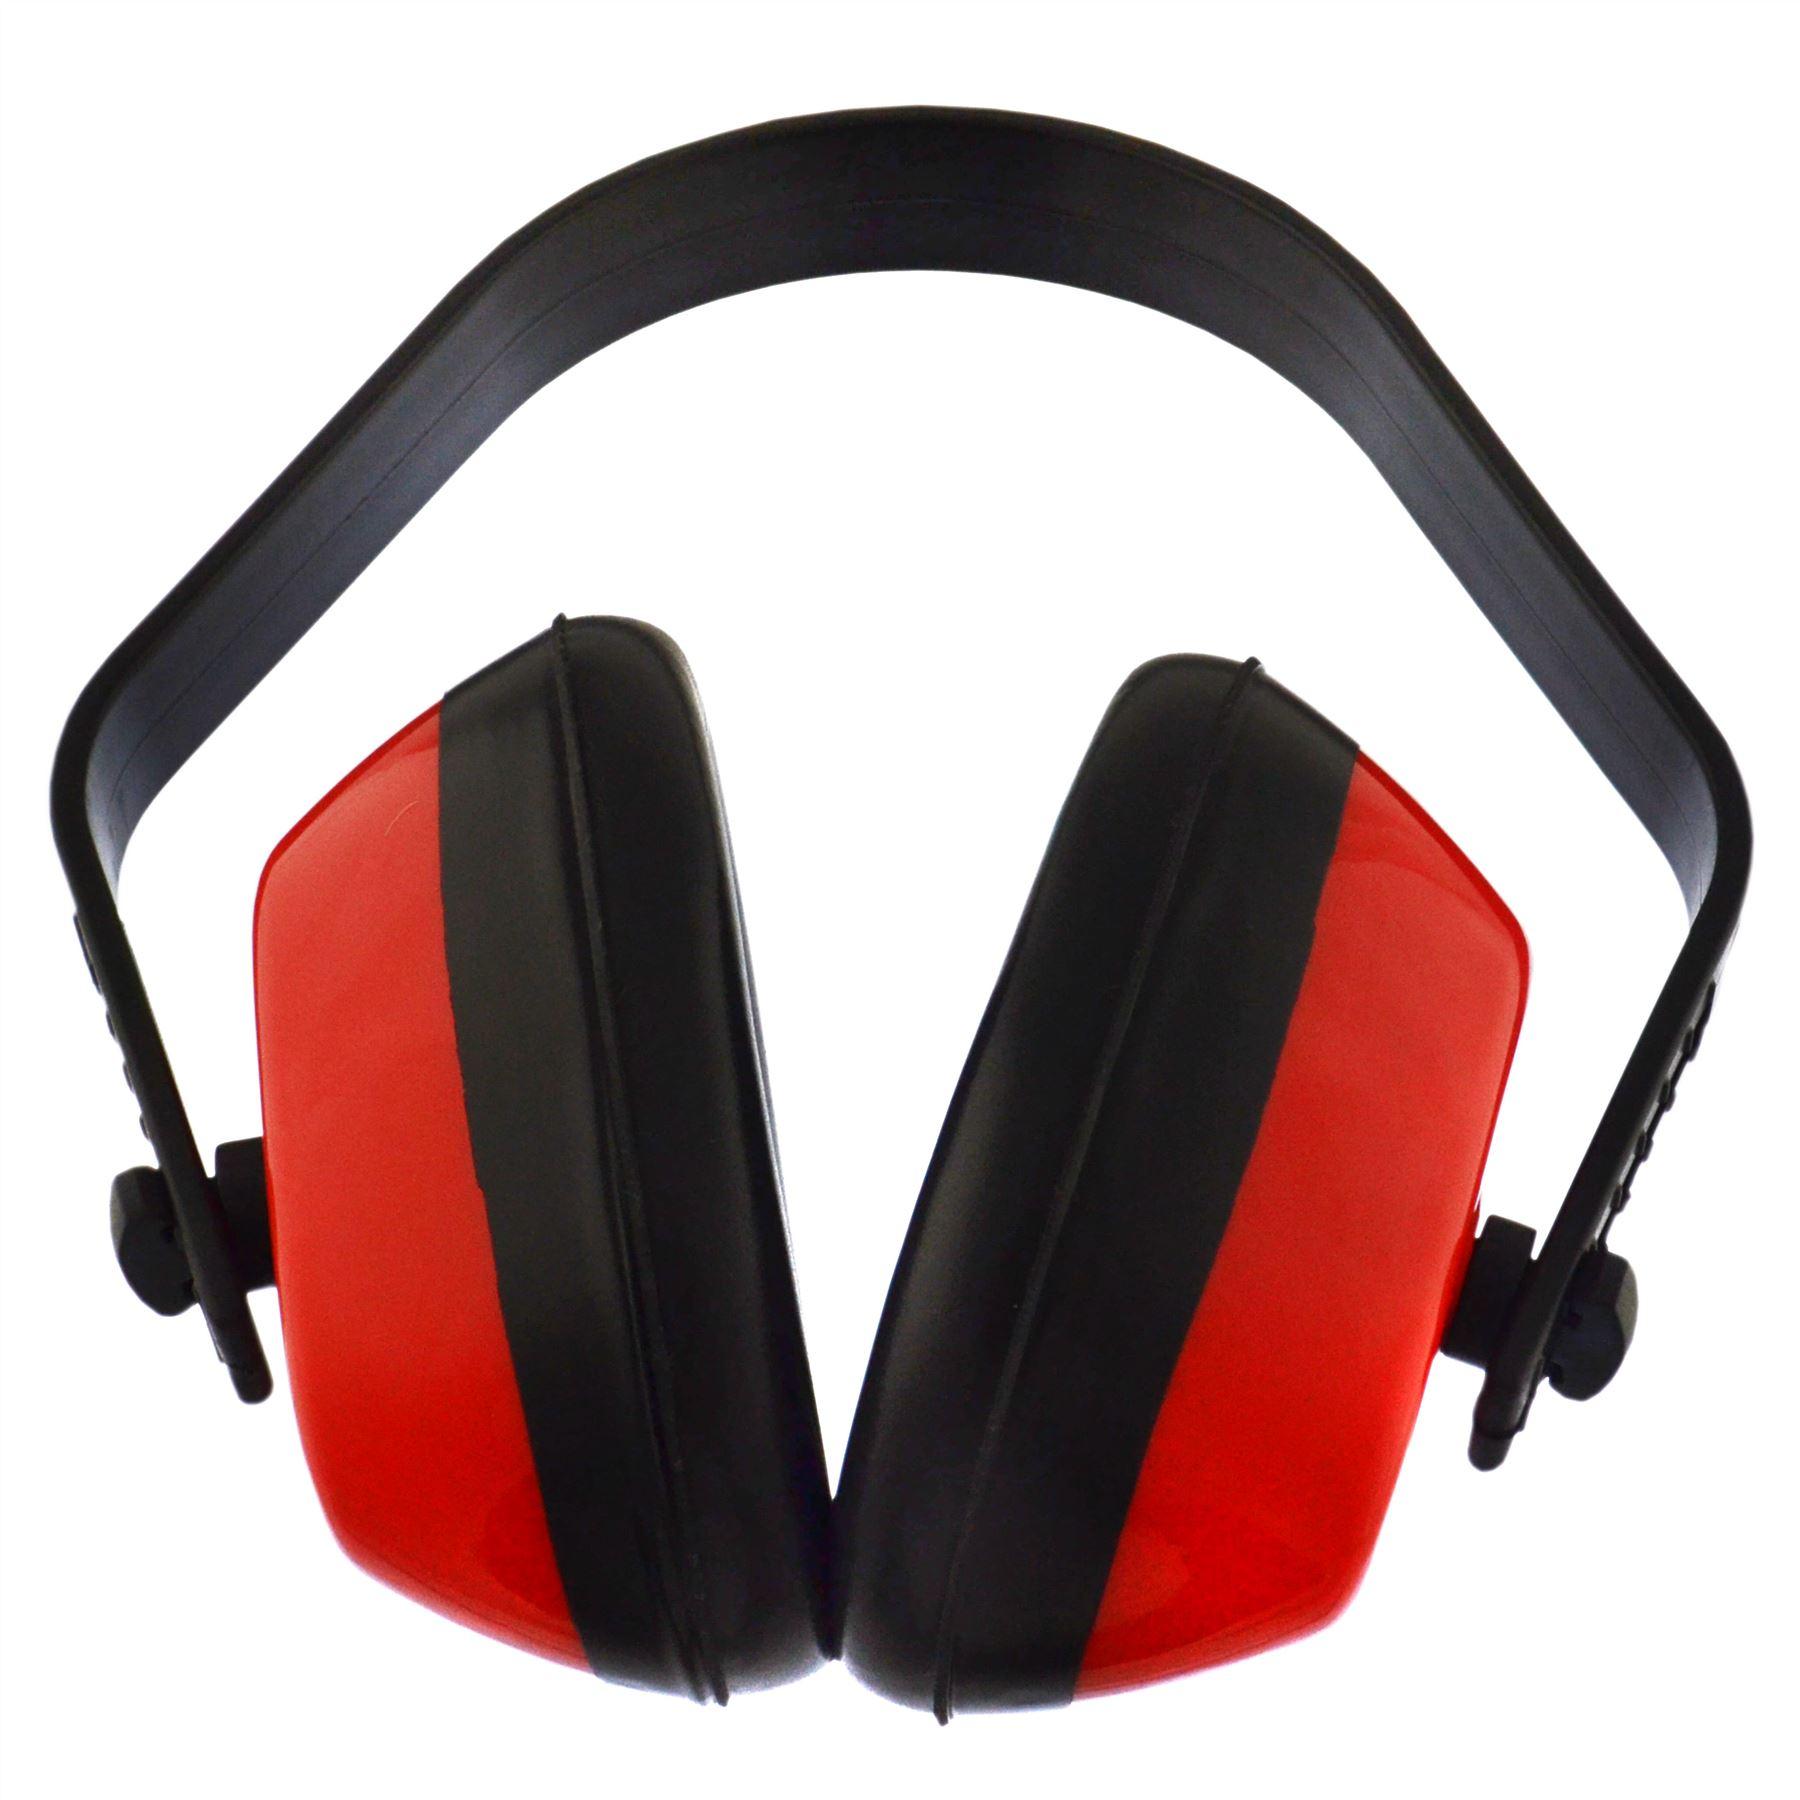 Conectores Ruido Protectores del oído Ajustable au049 Seguridad Defensores Muffs